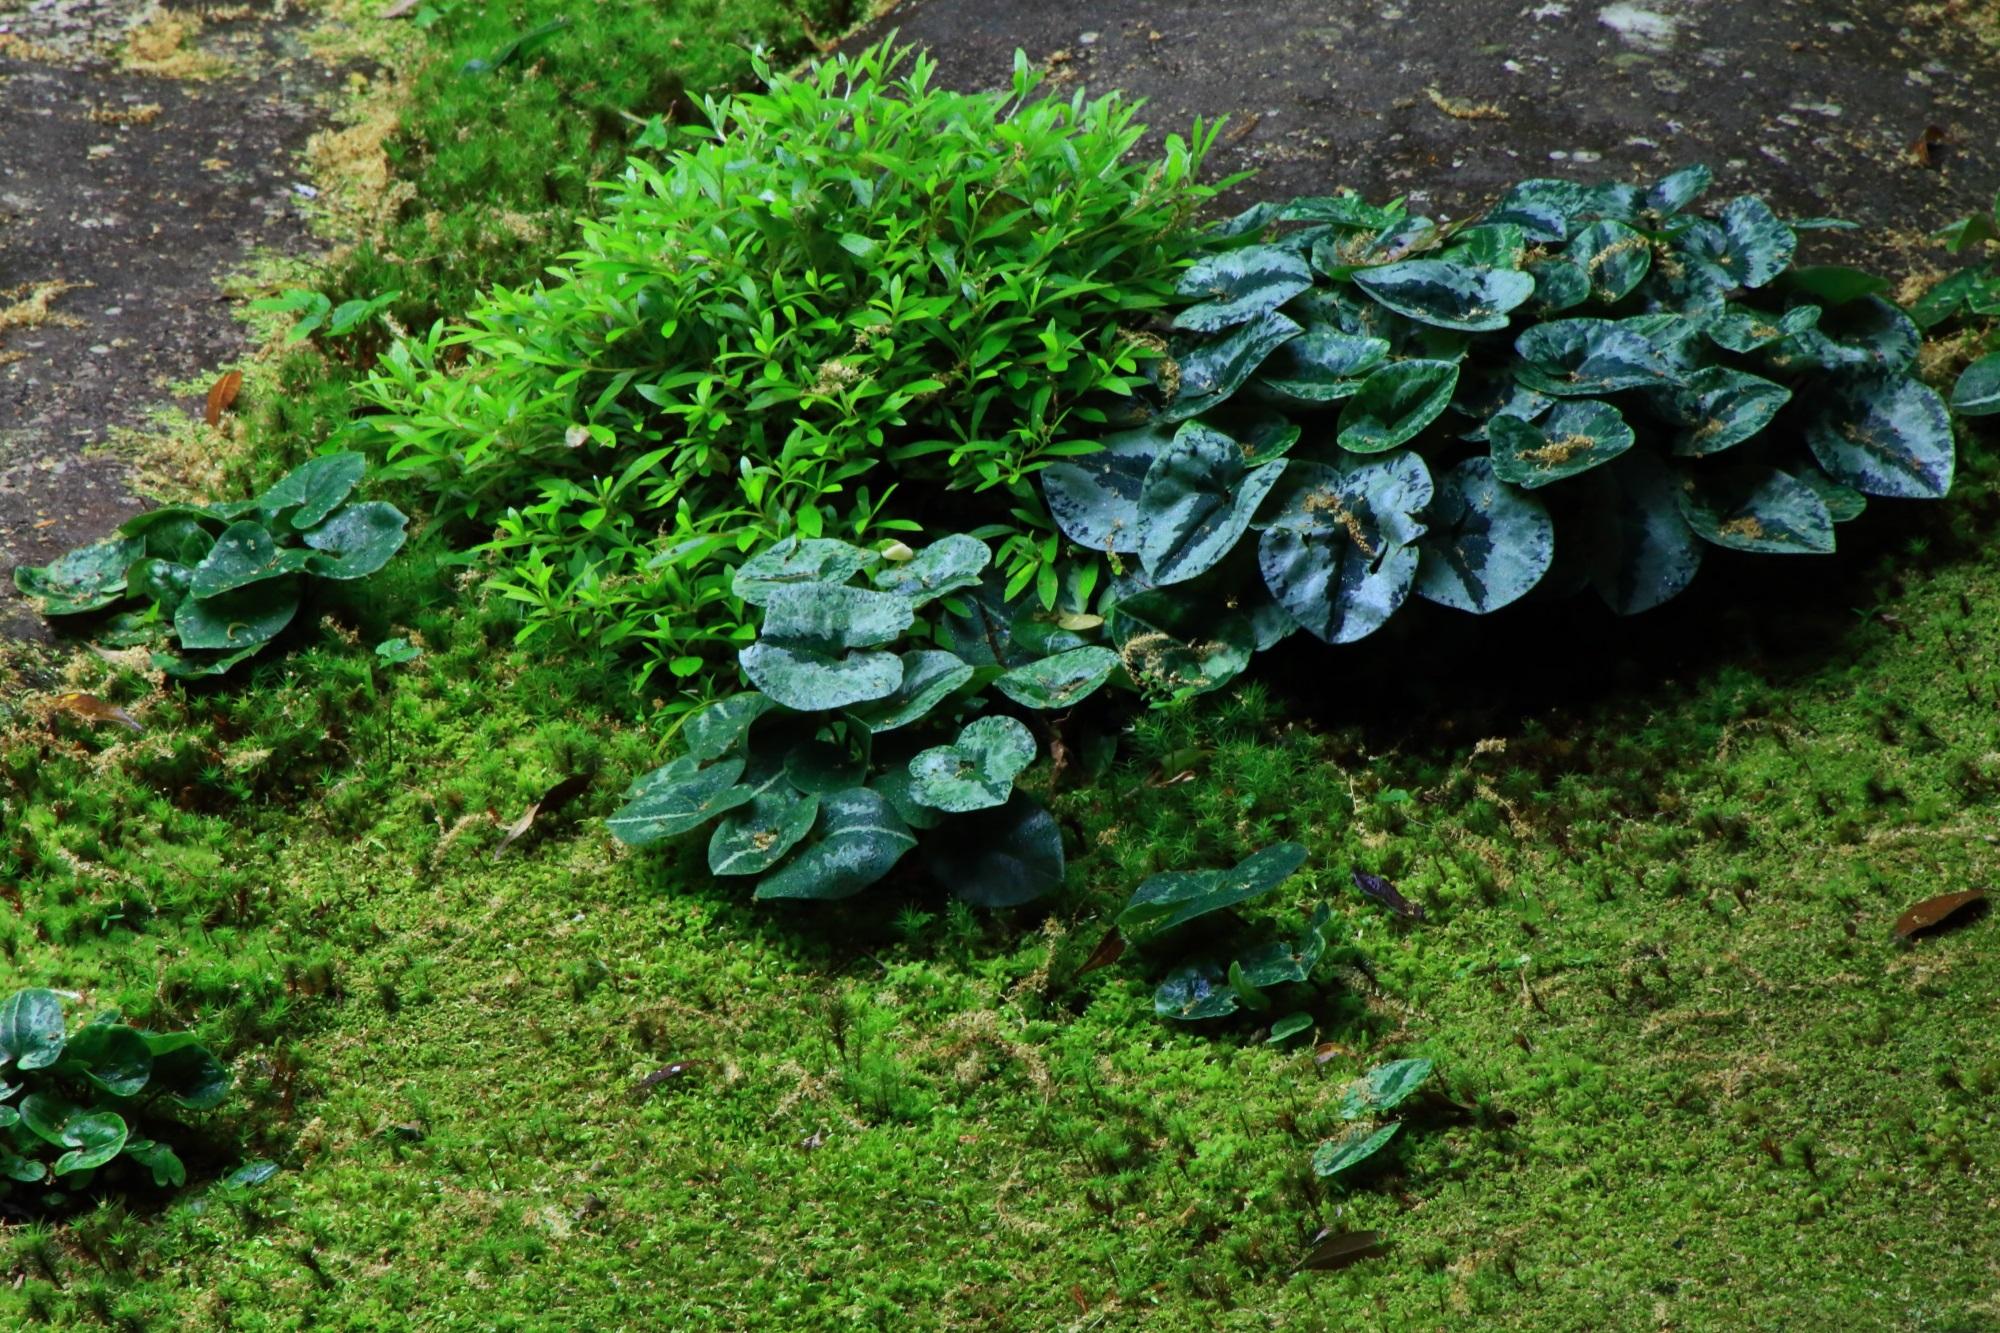 蓮華寺の美しい苔と緑